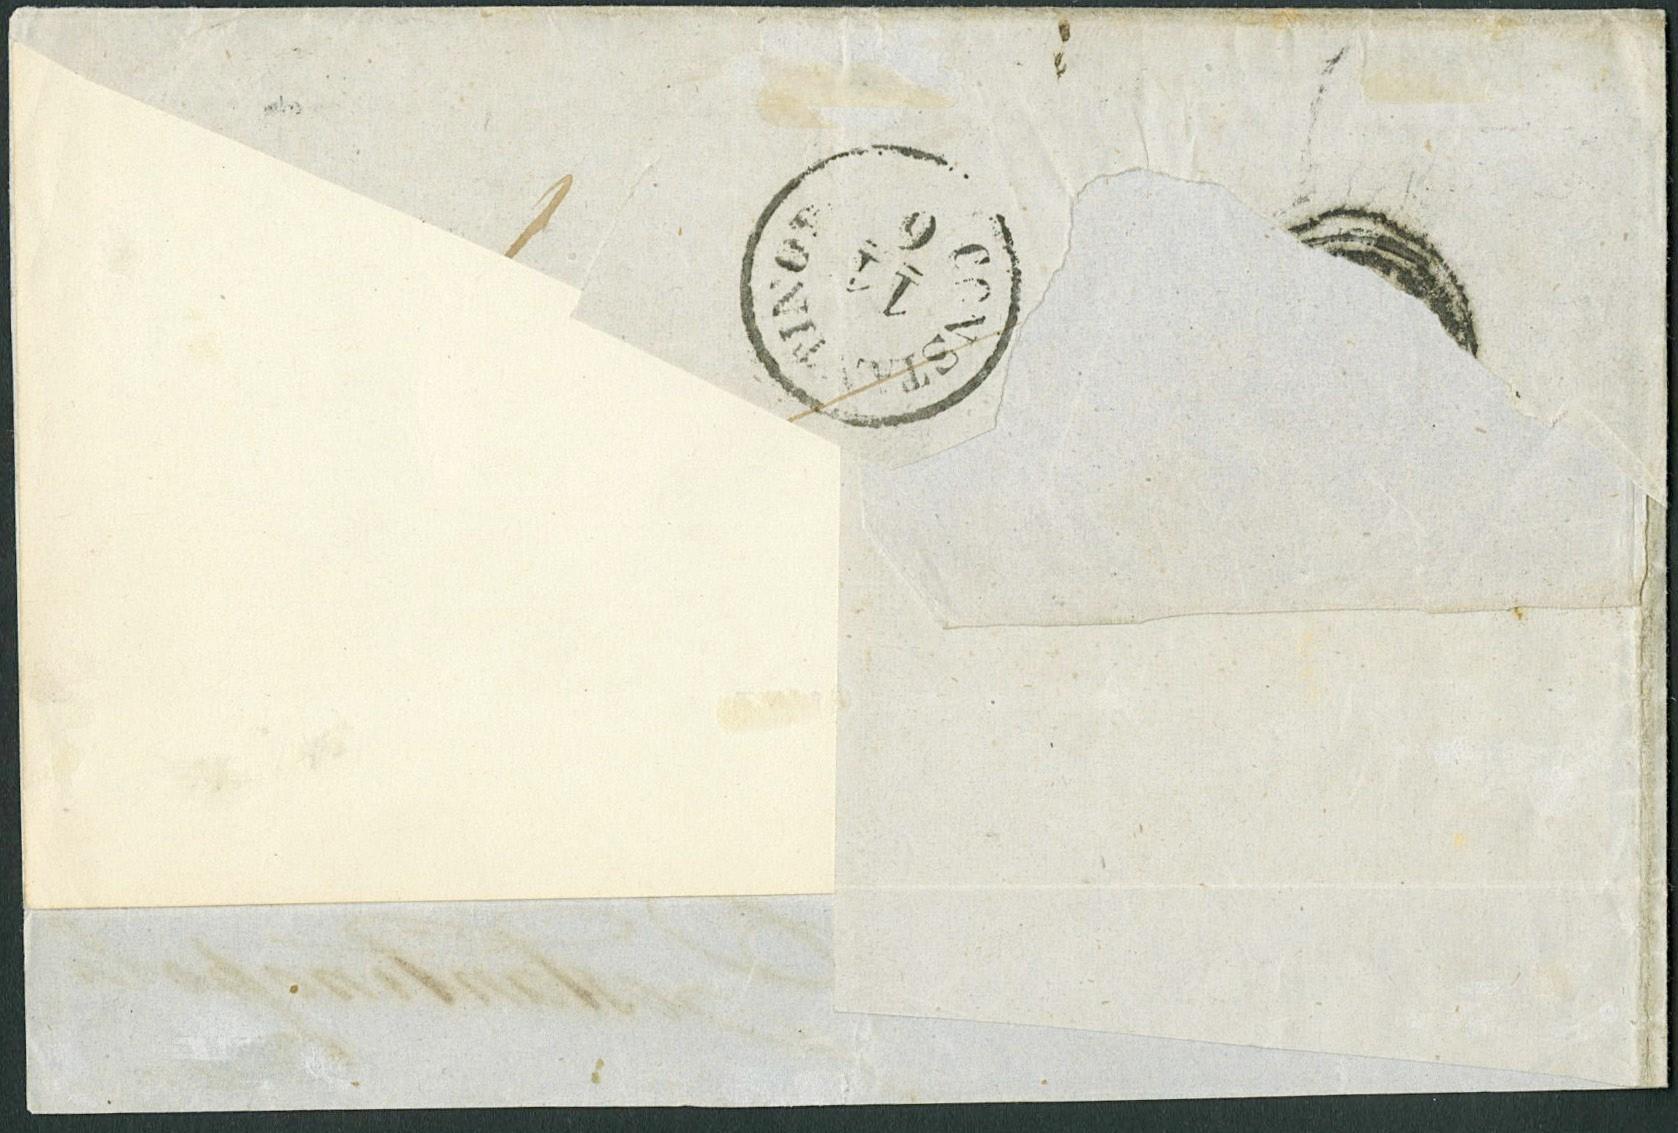 Lot 23 - lombardo veneto posta ordinaria -  Zanaria Aste s.r.l. 9th Philatelic Auction